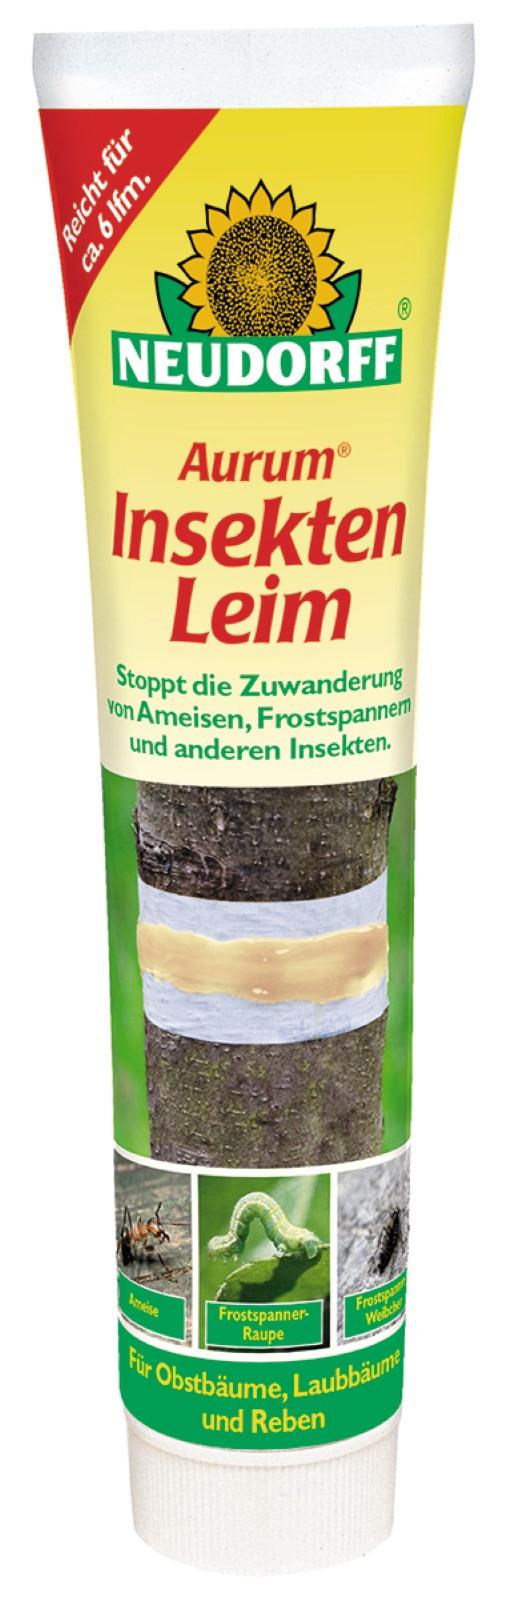 Aurum Insekten-Leim 170 g